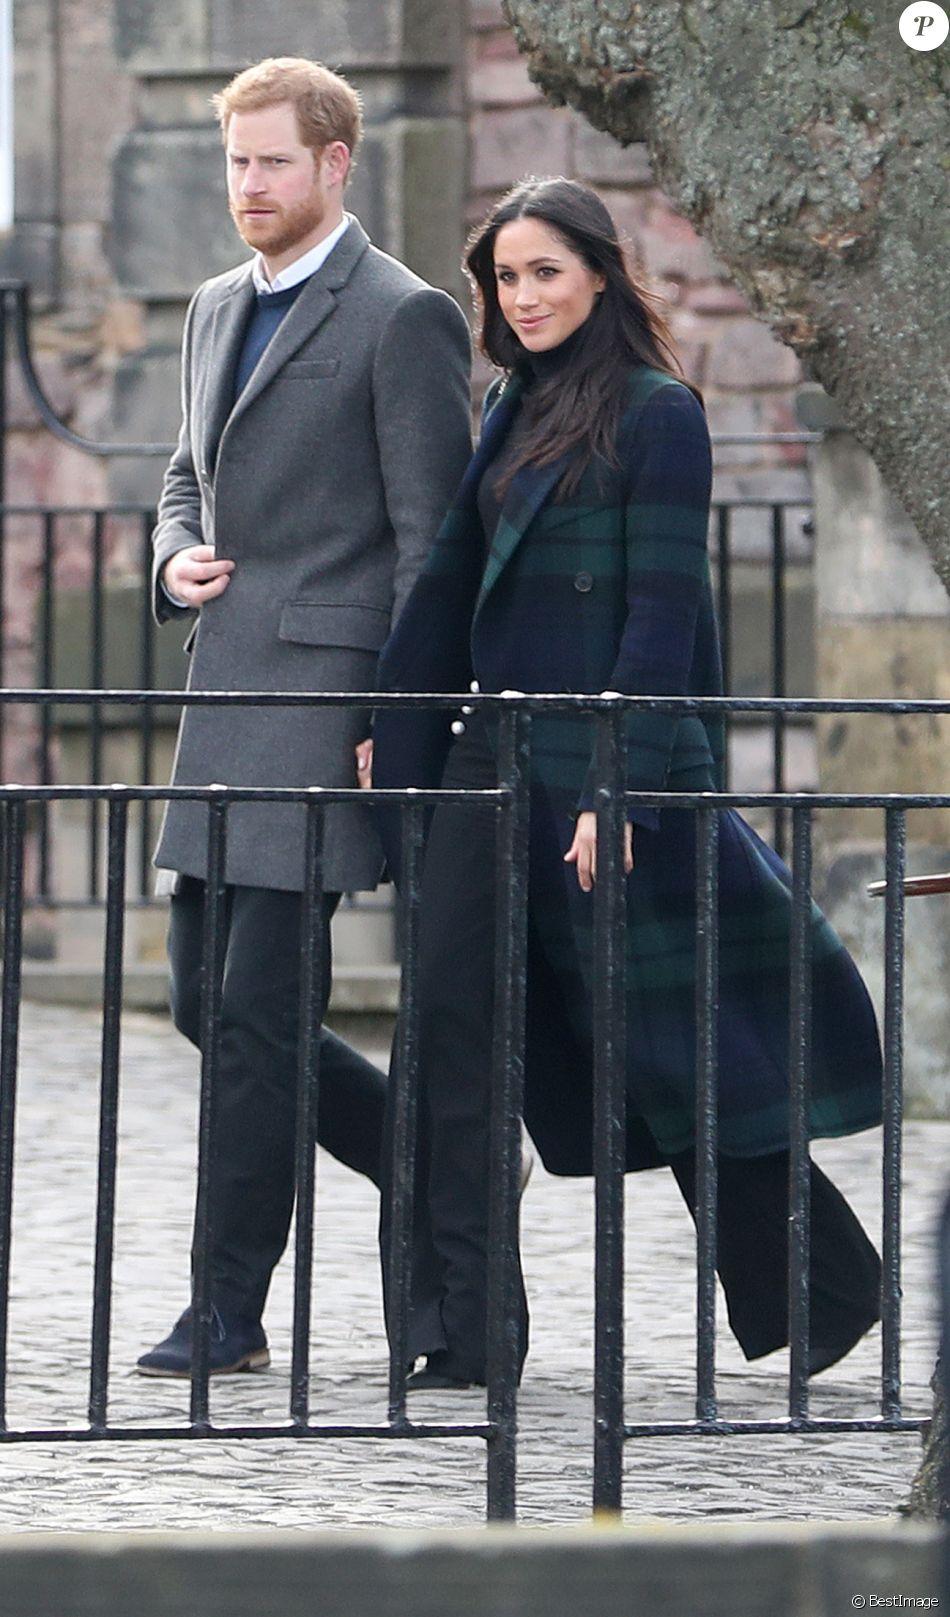 Le prince Harry et sa fiancée Meghan Markle à Edimbourg le 13 février 2018.